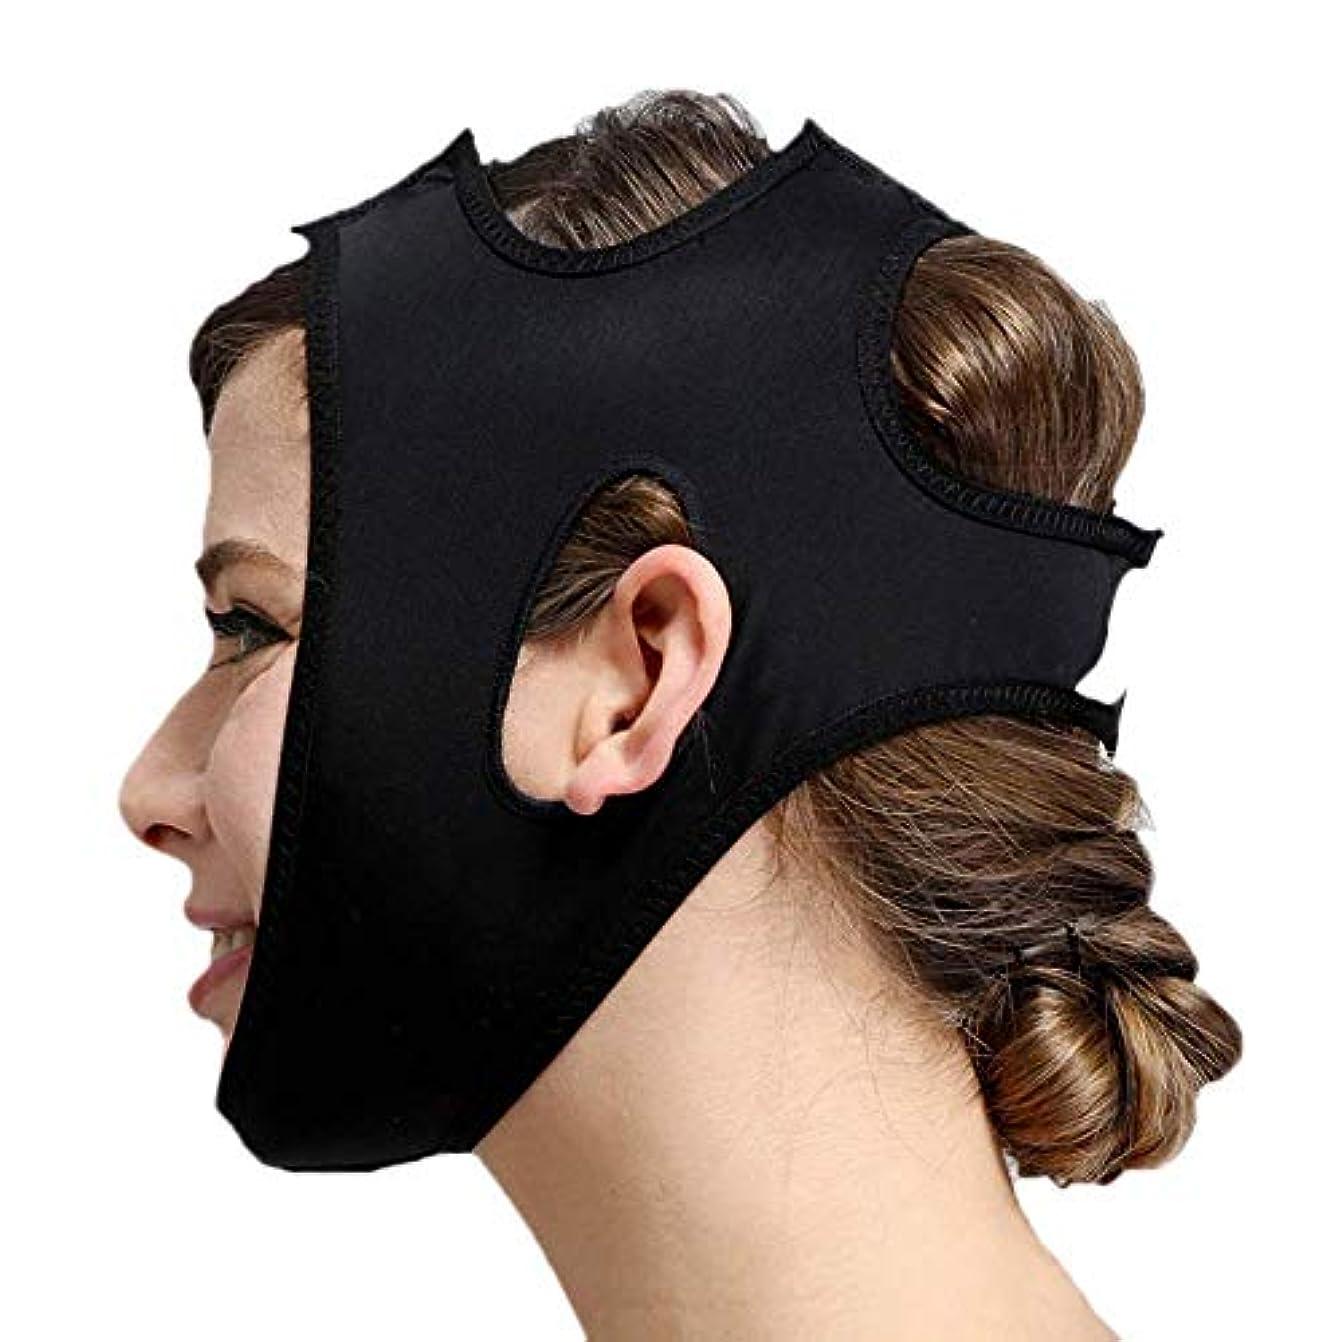 餌そこ従順フェイススリミングマスク、快適さと通気性、フェイシャルリフティング、輪郭の改善された硬さ、ファーミングとリフティングフェイス(カラー:ブラック、サイズ:XL),黒、S